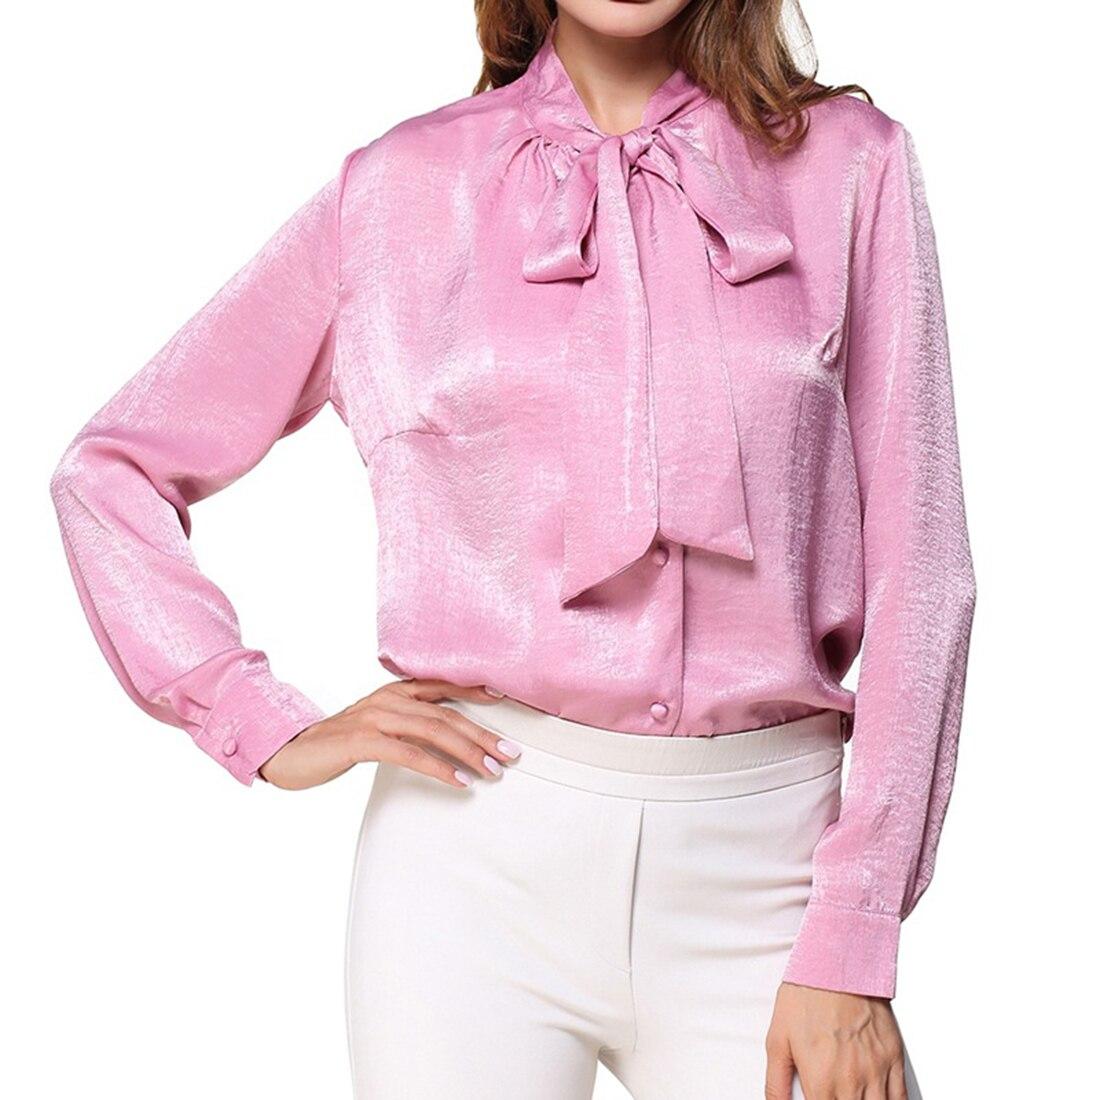 2018 new Satin Shirt Women Long sleeve peter pan collar silk Blouses women work wear uniform office OL shirt simple body tops